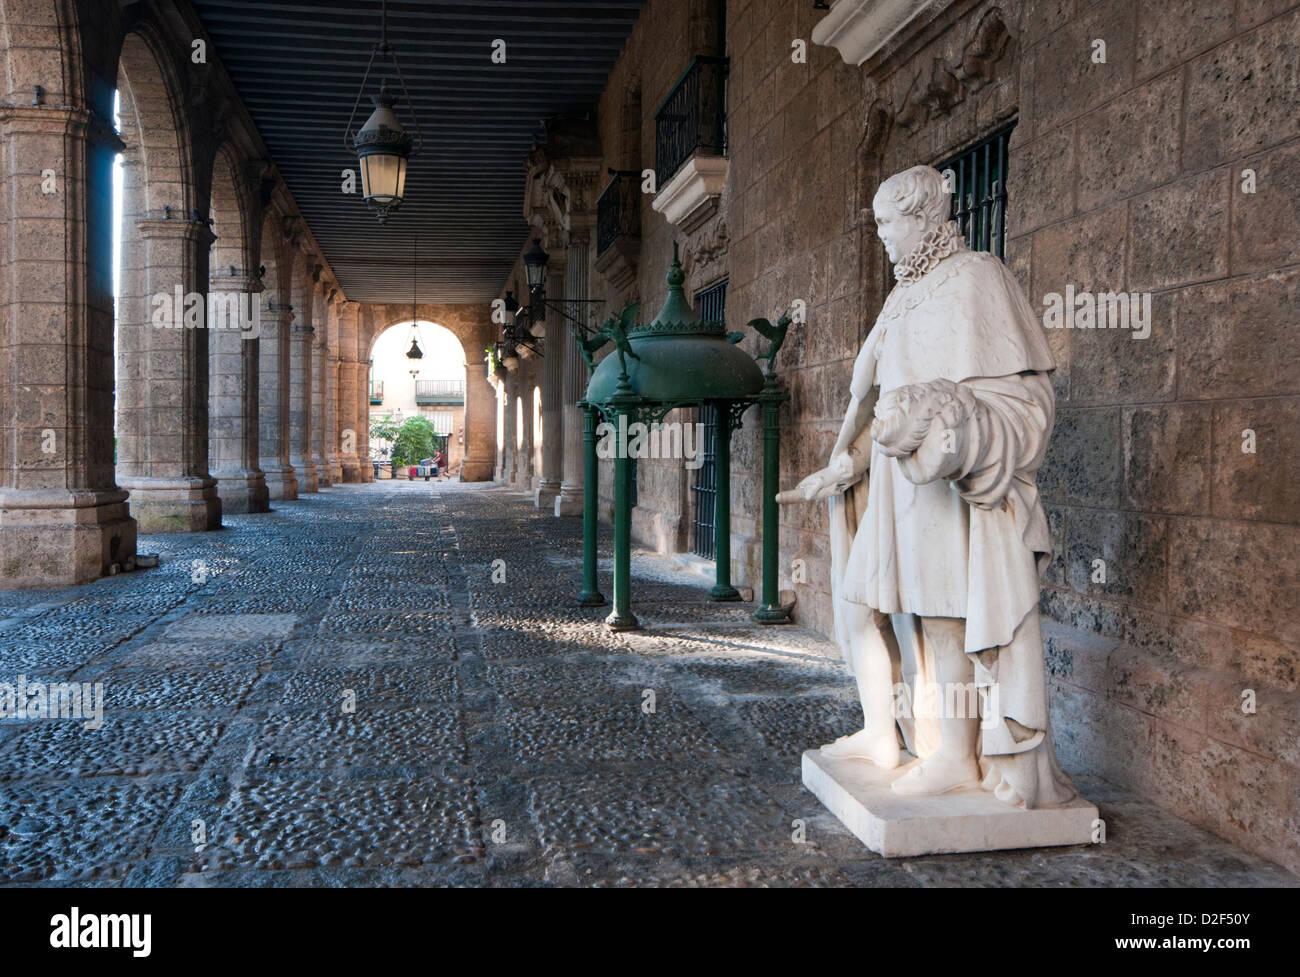 Sotto le arcate del Palacio de los Capitanes Generales, Plaza de Armas, la Habana Vieja, Havana, Cuba, Caraibi Immagini Stock